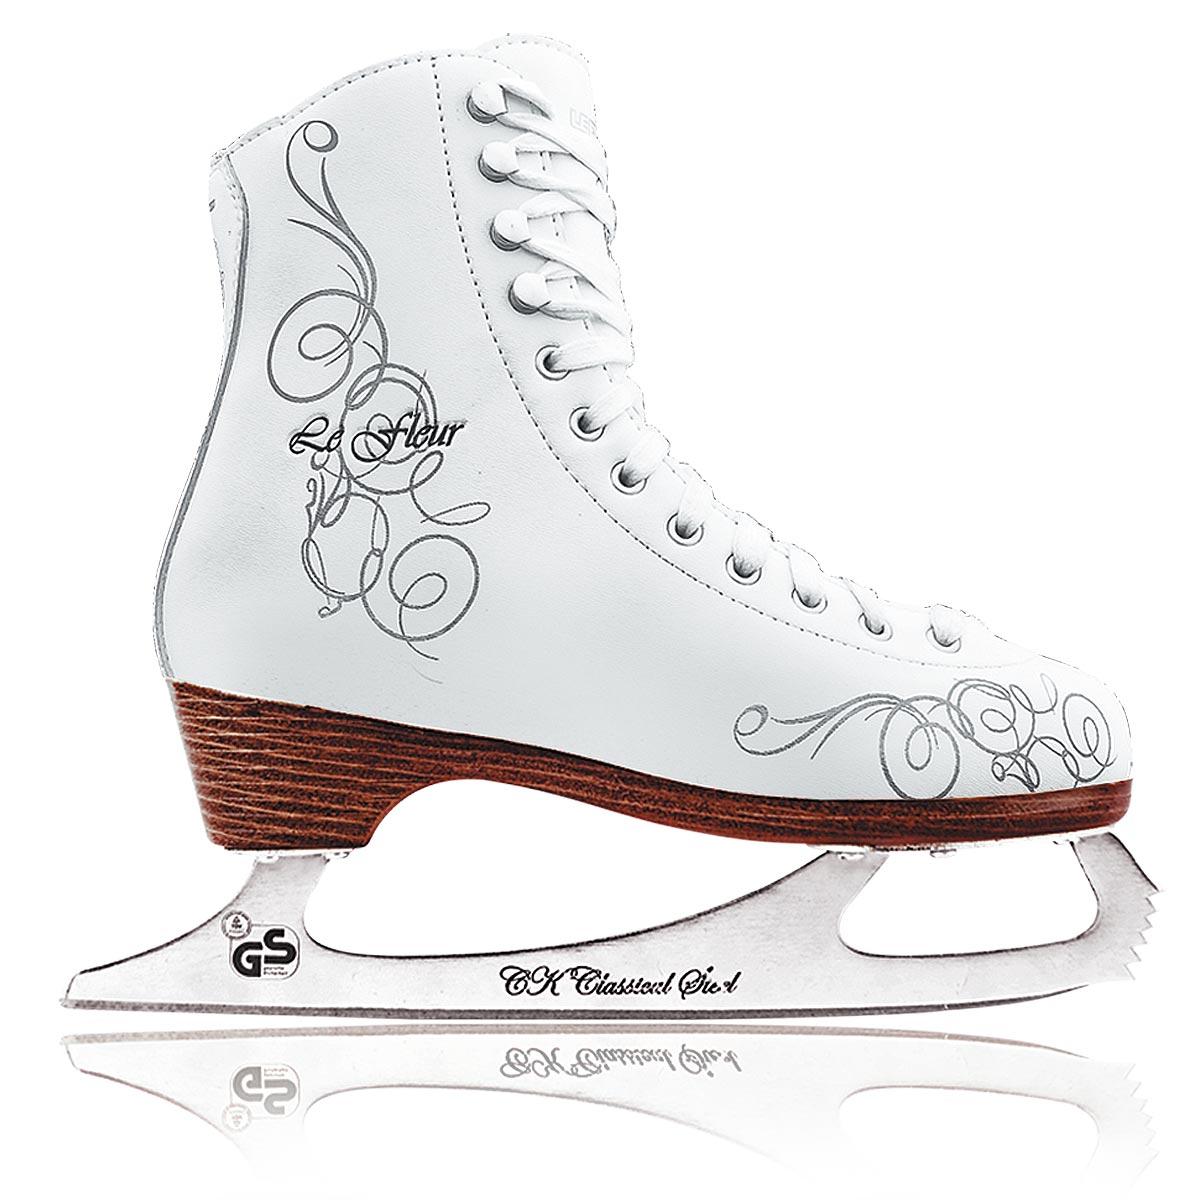 Коньки фигурные для девочки СК Le Fleur Fur, цвет: белый, серебряный. Размер 31LE FLEUR fur_белый, серебряный_31